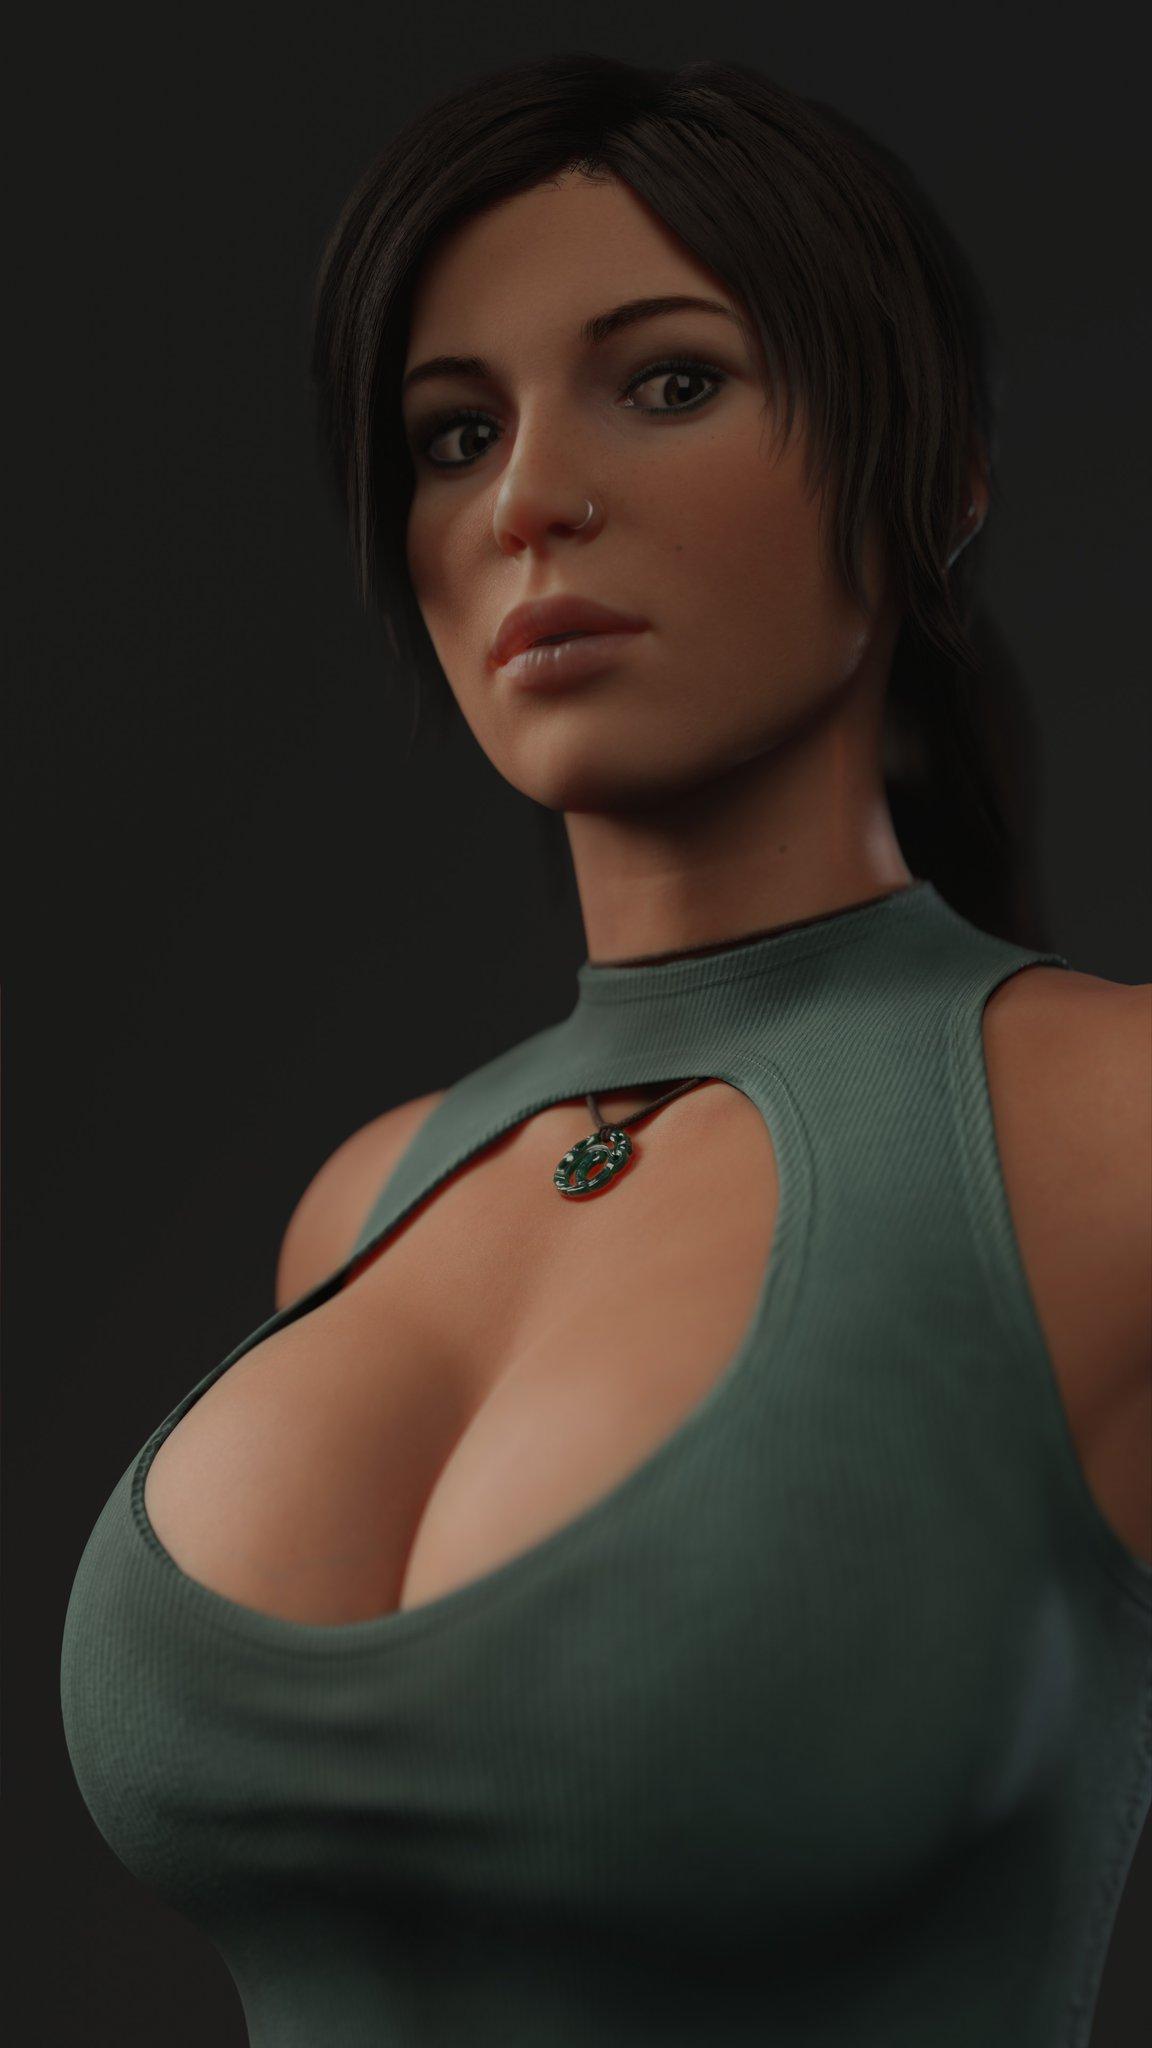 General 1152x2048 Lara Croft Wildeer studio cleavage